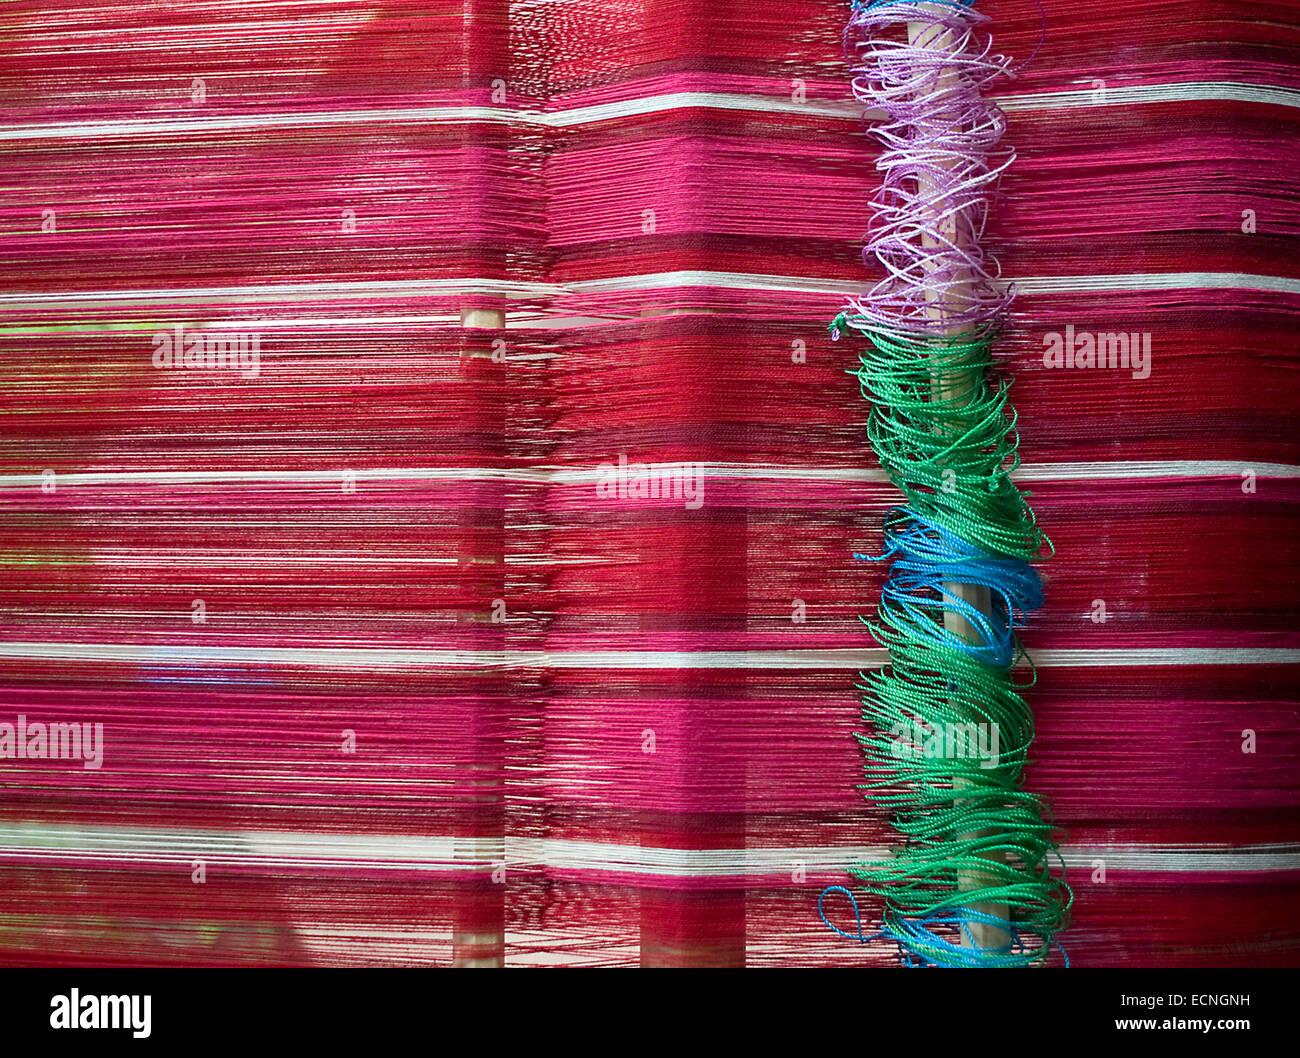 Back strap weaving in Panajachel, Guatemala. - Stock Image